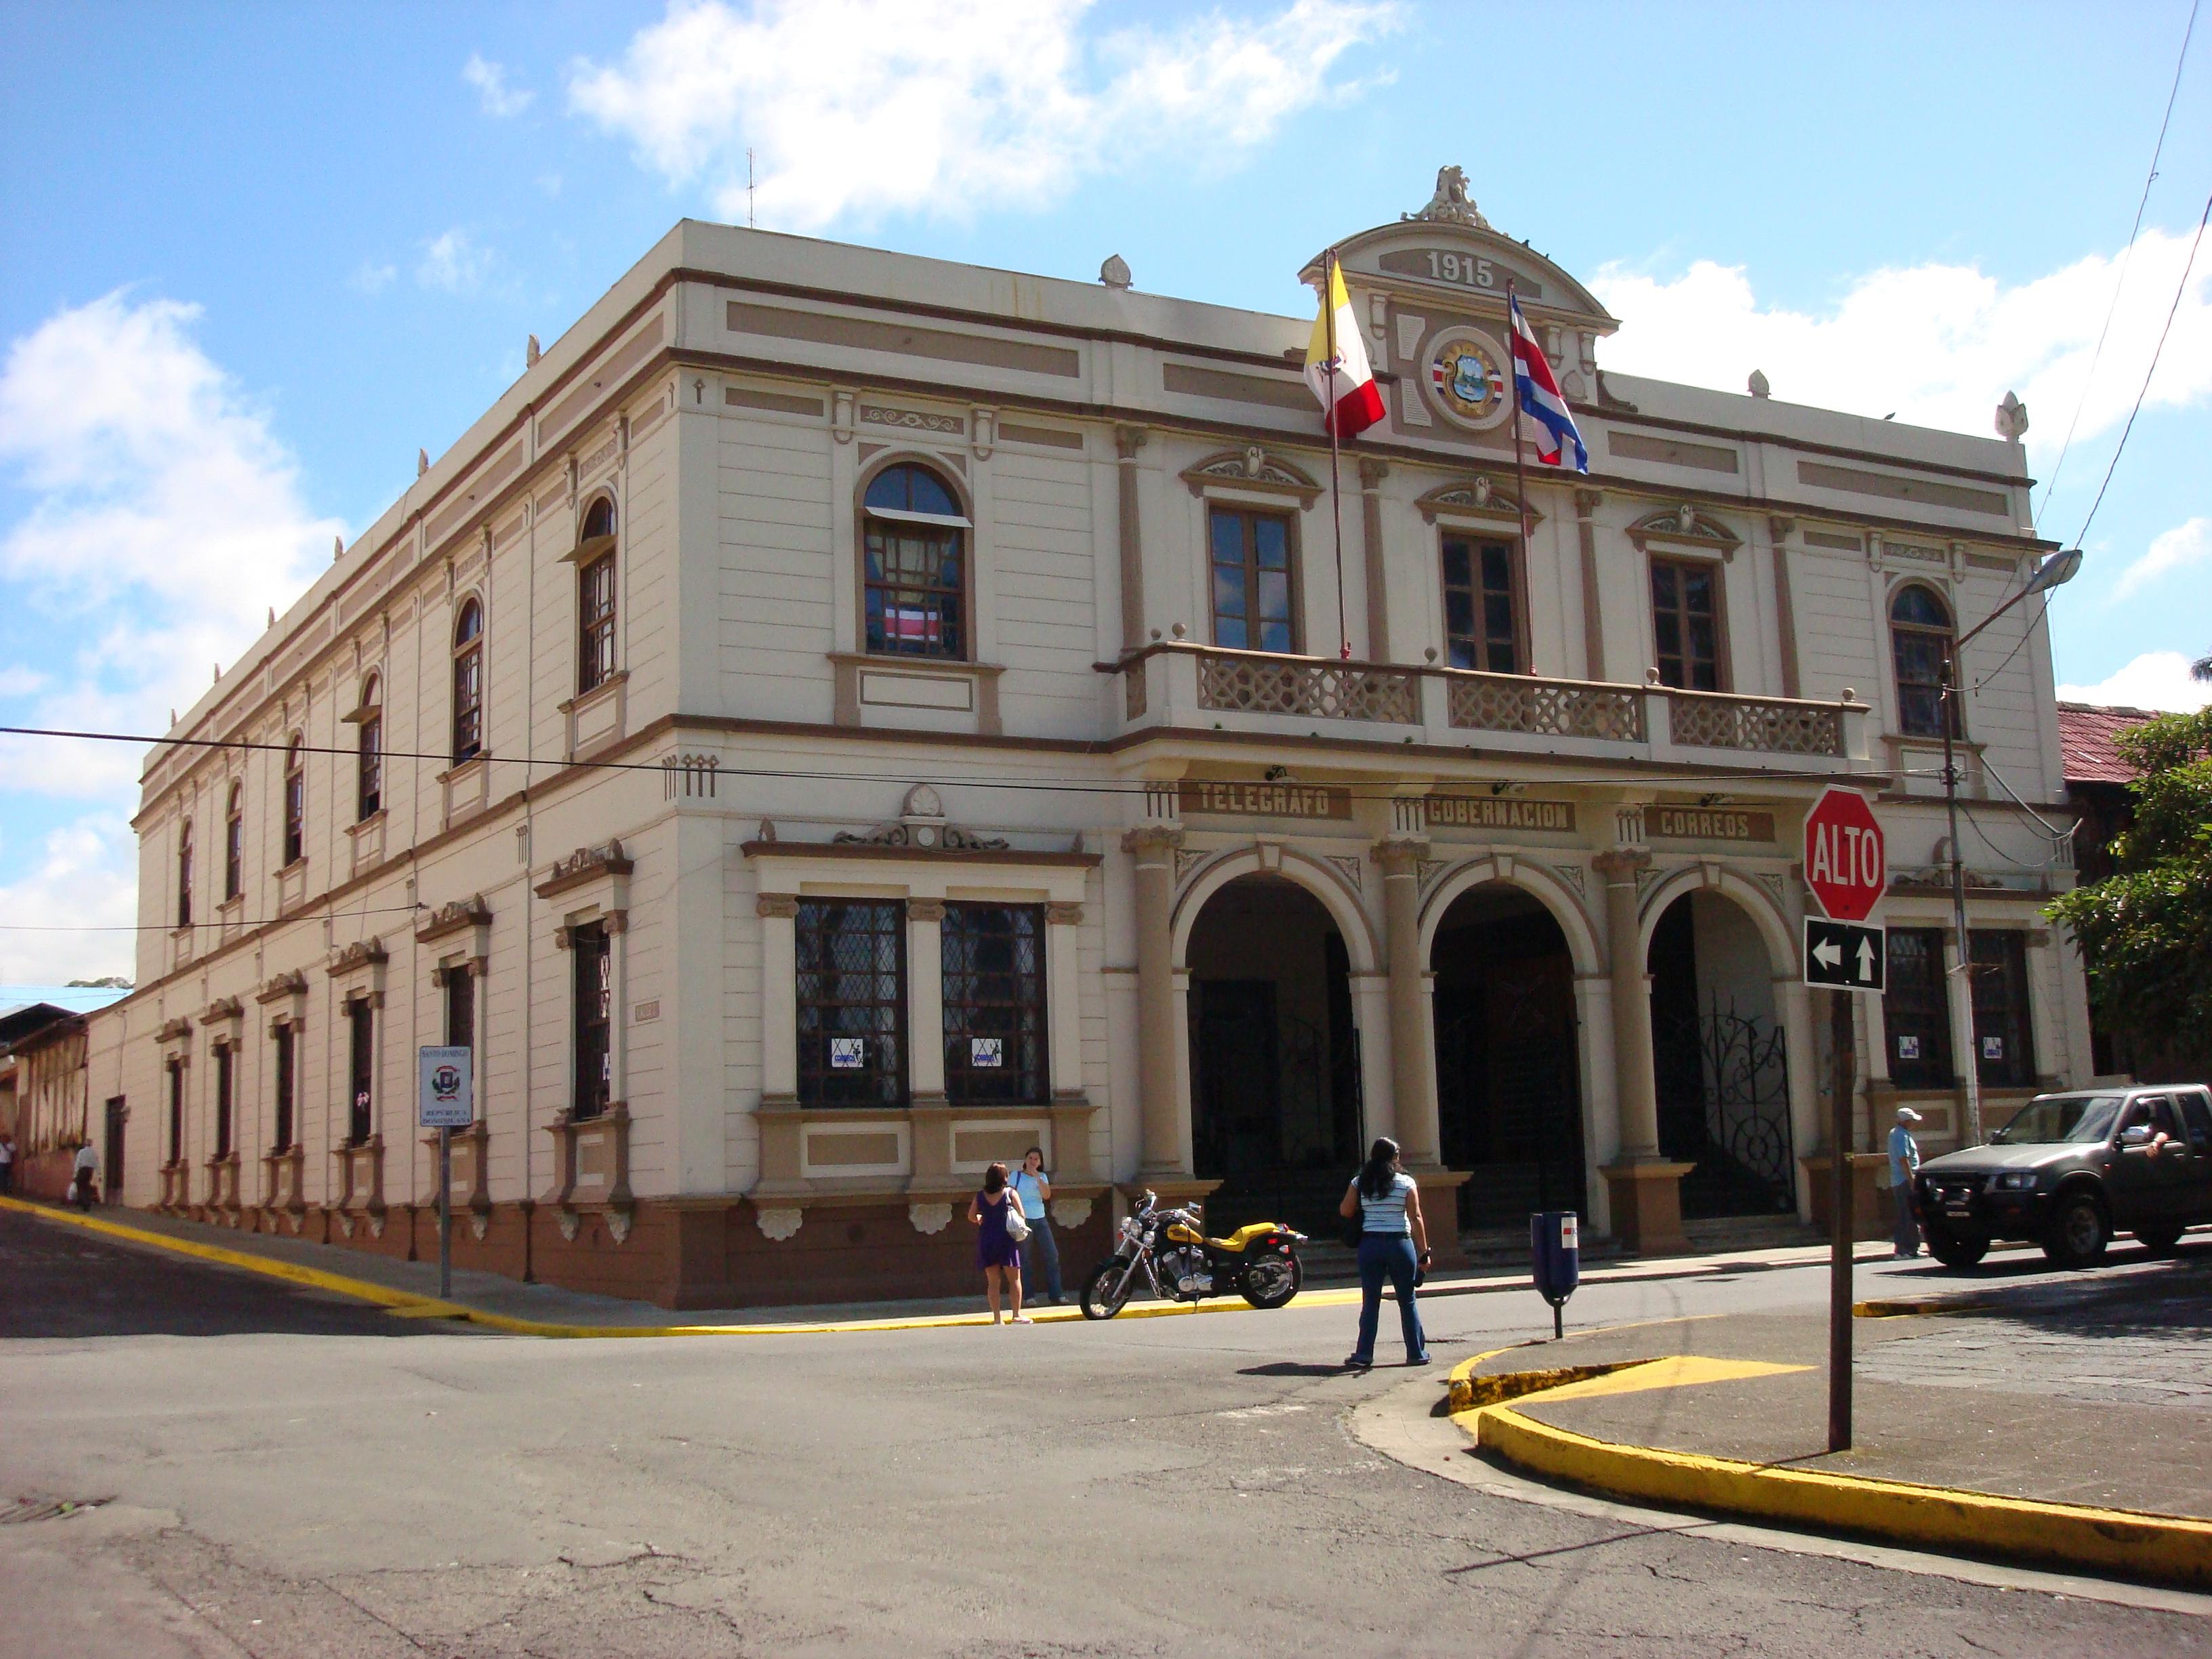 Archivo:Edificio de Correos de Heredia, Costa Rica.jpg - Wikipedia, la  enciclopedia libre